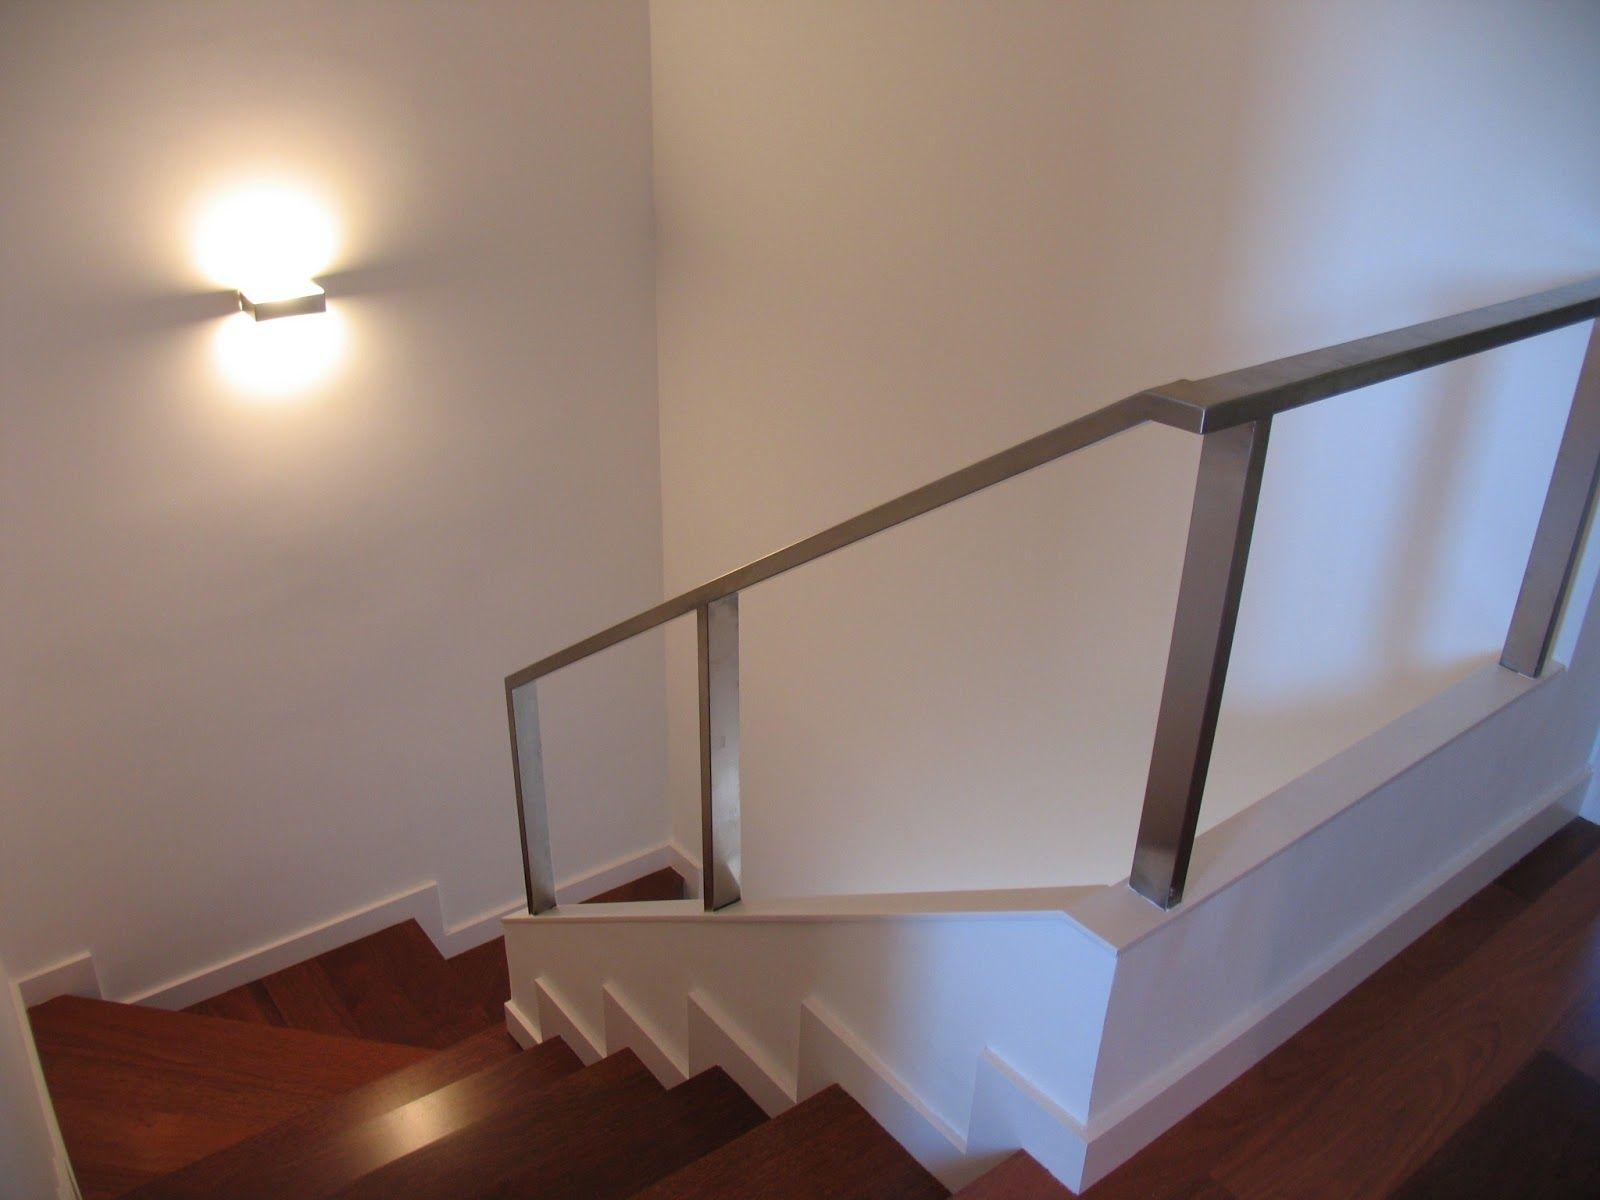 Apliques de pared escalera buscar con google ideas hogar pinterest iluminaci n - Iluminacion de escaleras ...